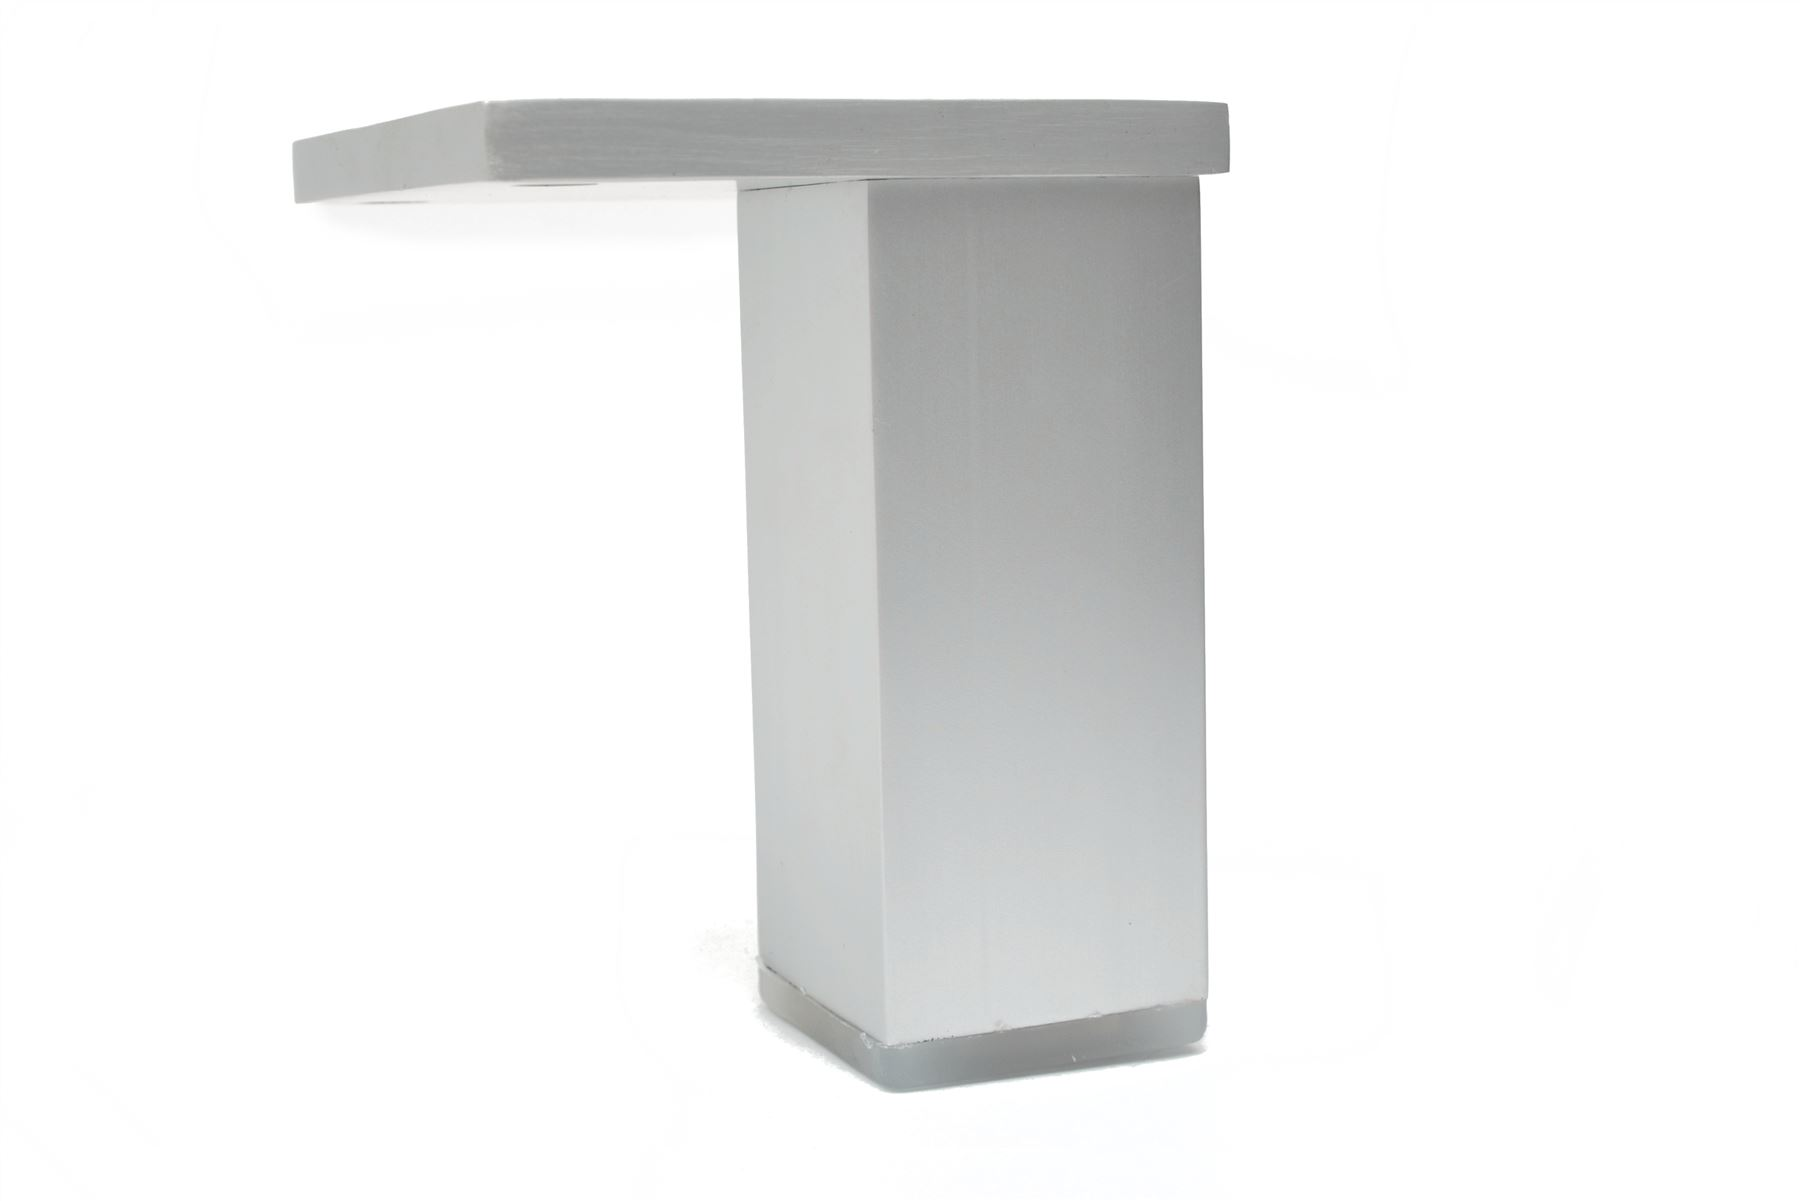 Aluminium Füße Beine Schränke Küche Möbel Chrom 70mm - 200mm | eBay